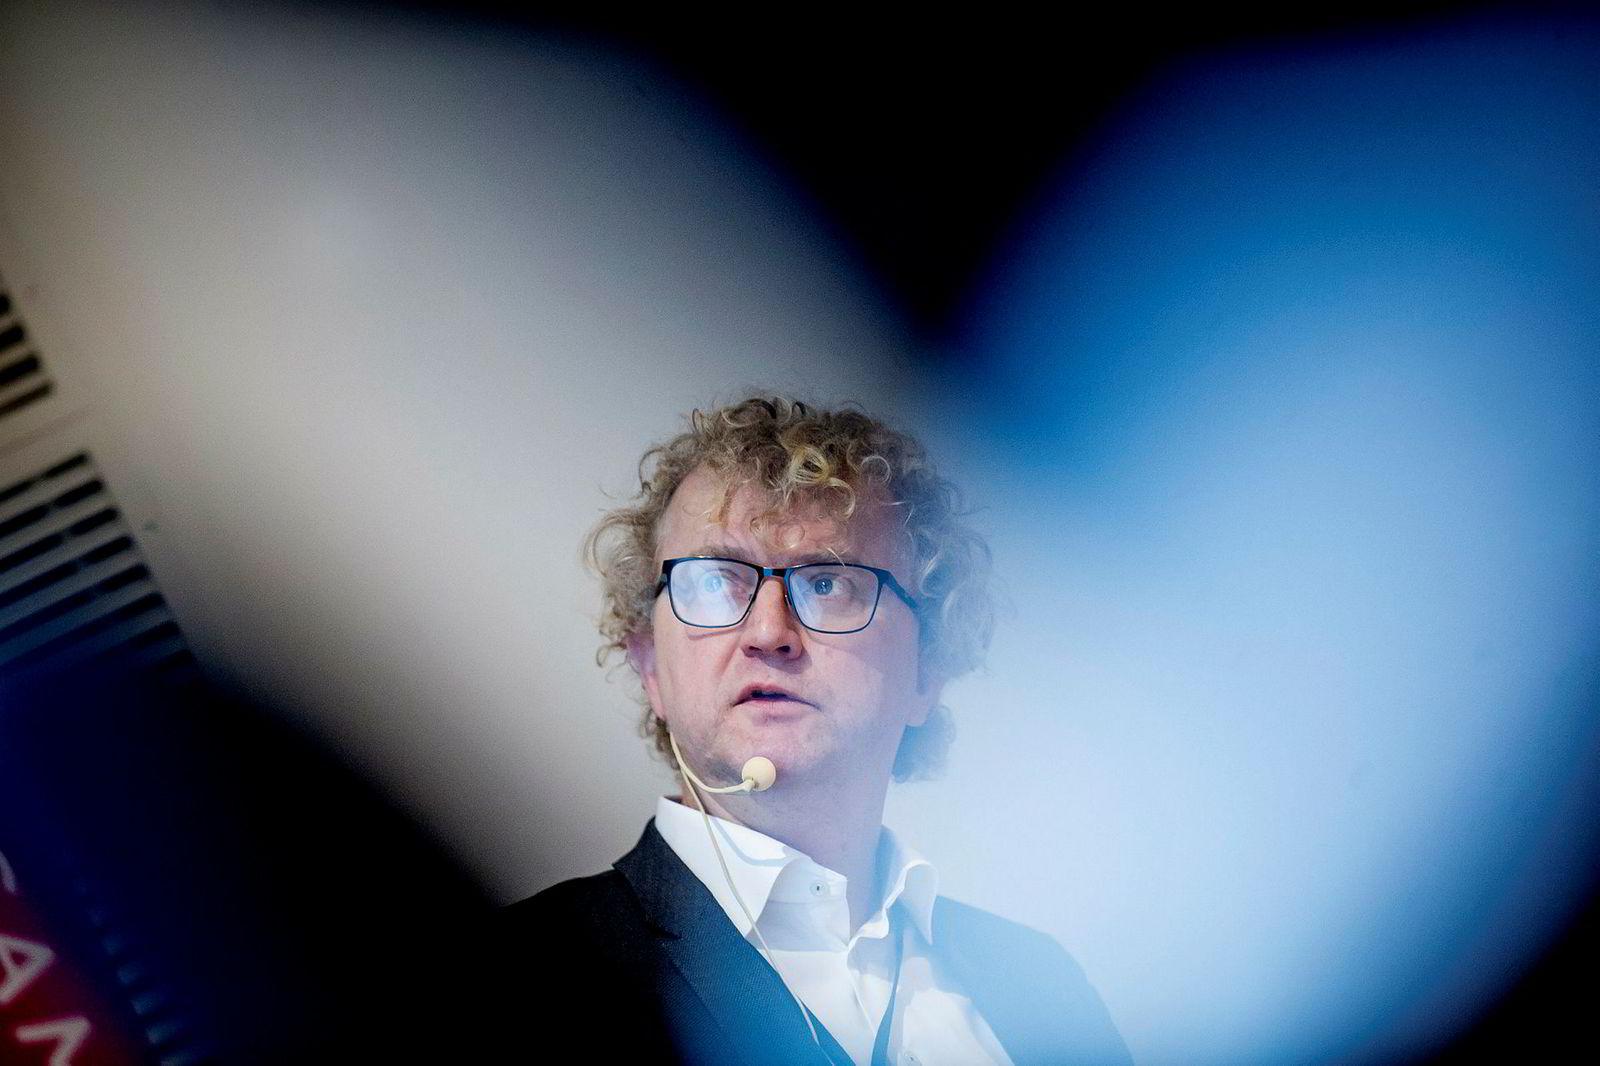 Sjeføkonom Jan Ludvig Andreassen i Eika-gruppen mener vi trenger lav rente for å unngå nedgangstider.